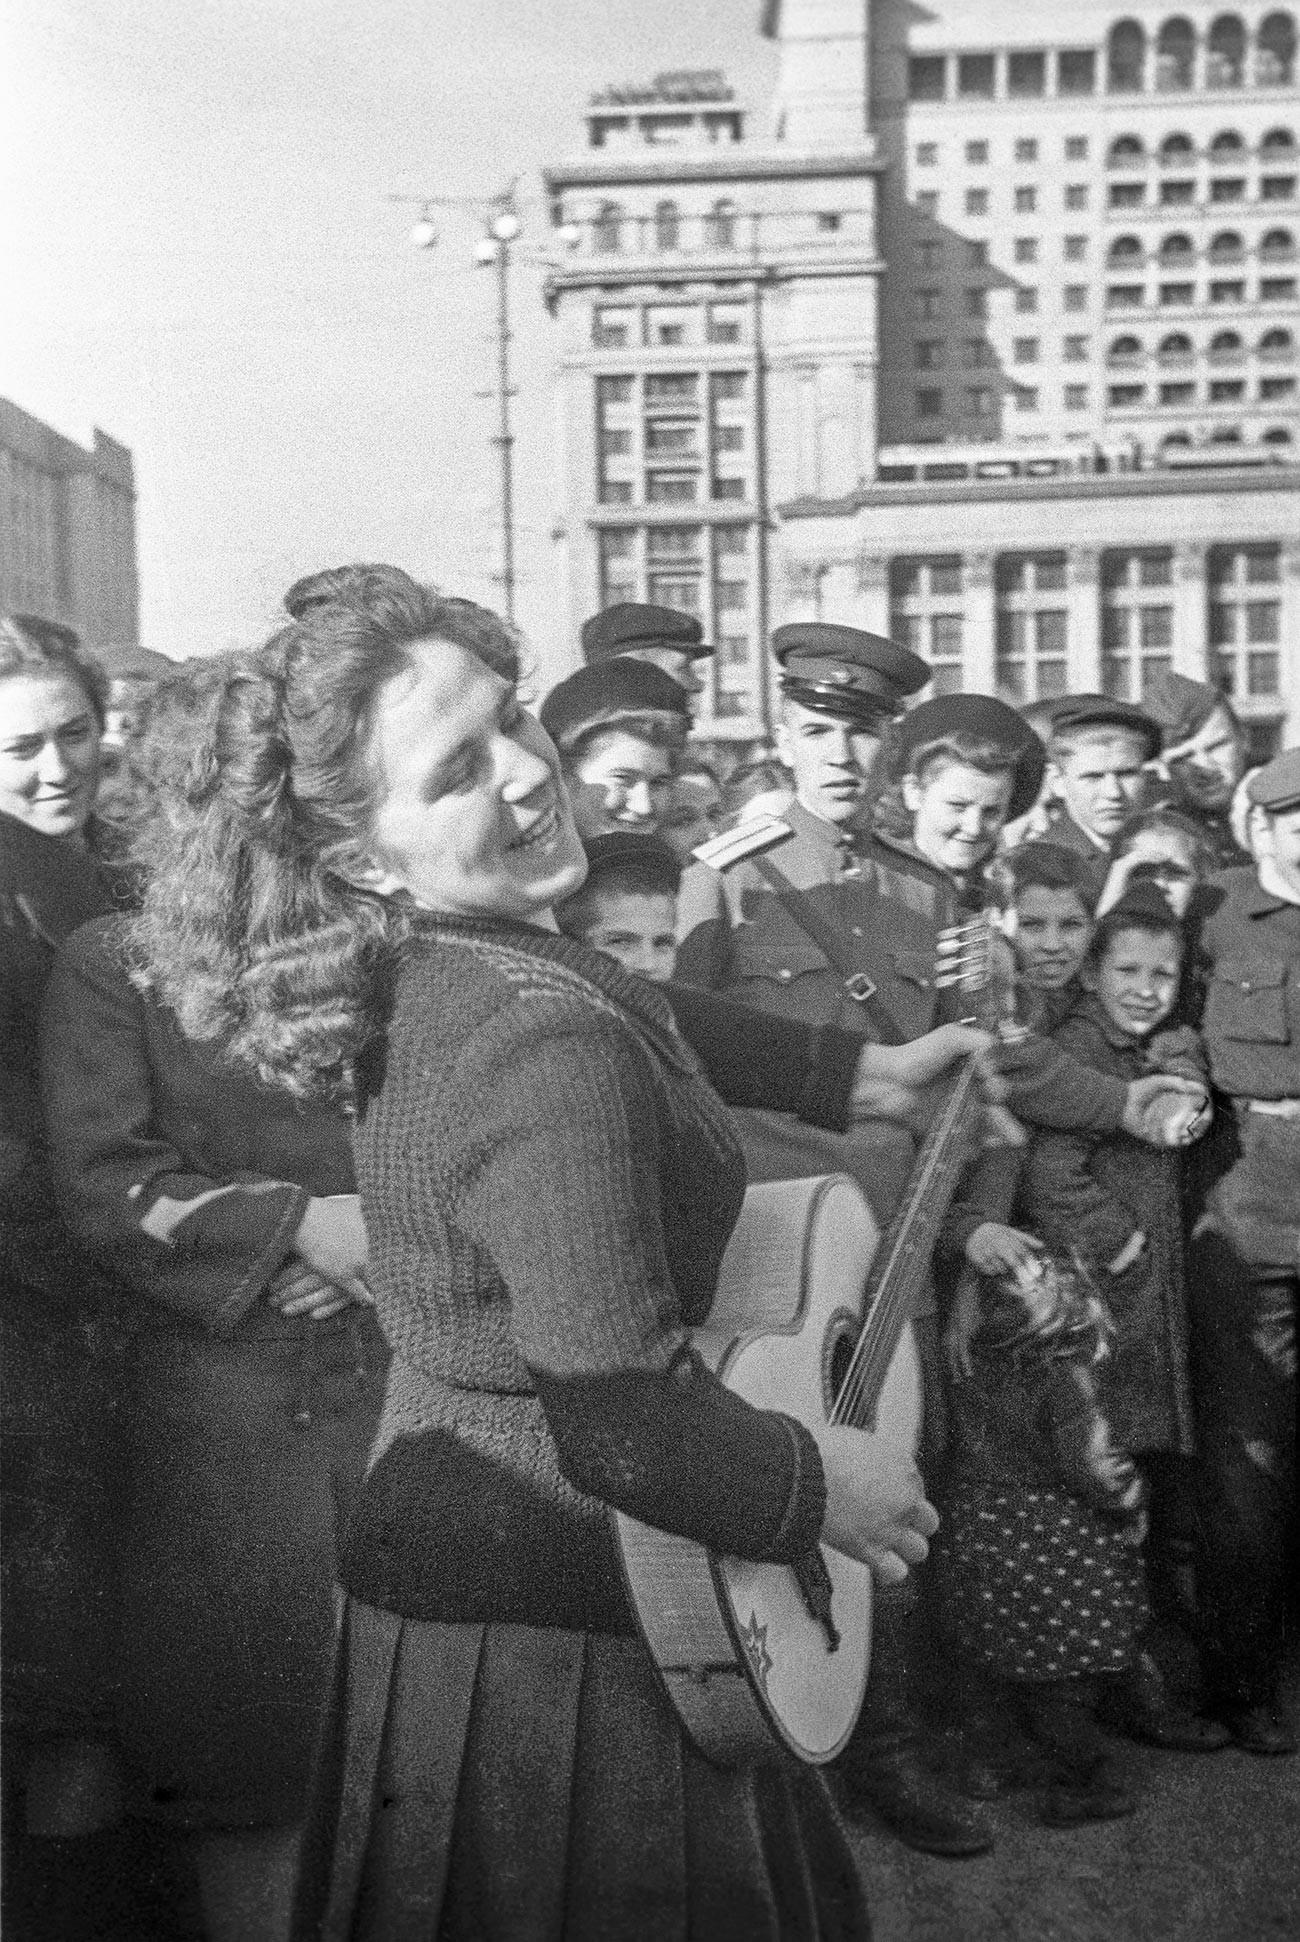 Жители Москвы на Манежной площади во время празднования победы Советского Союза над Германией в Великой Отечественной войне.